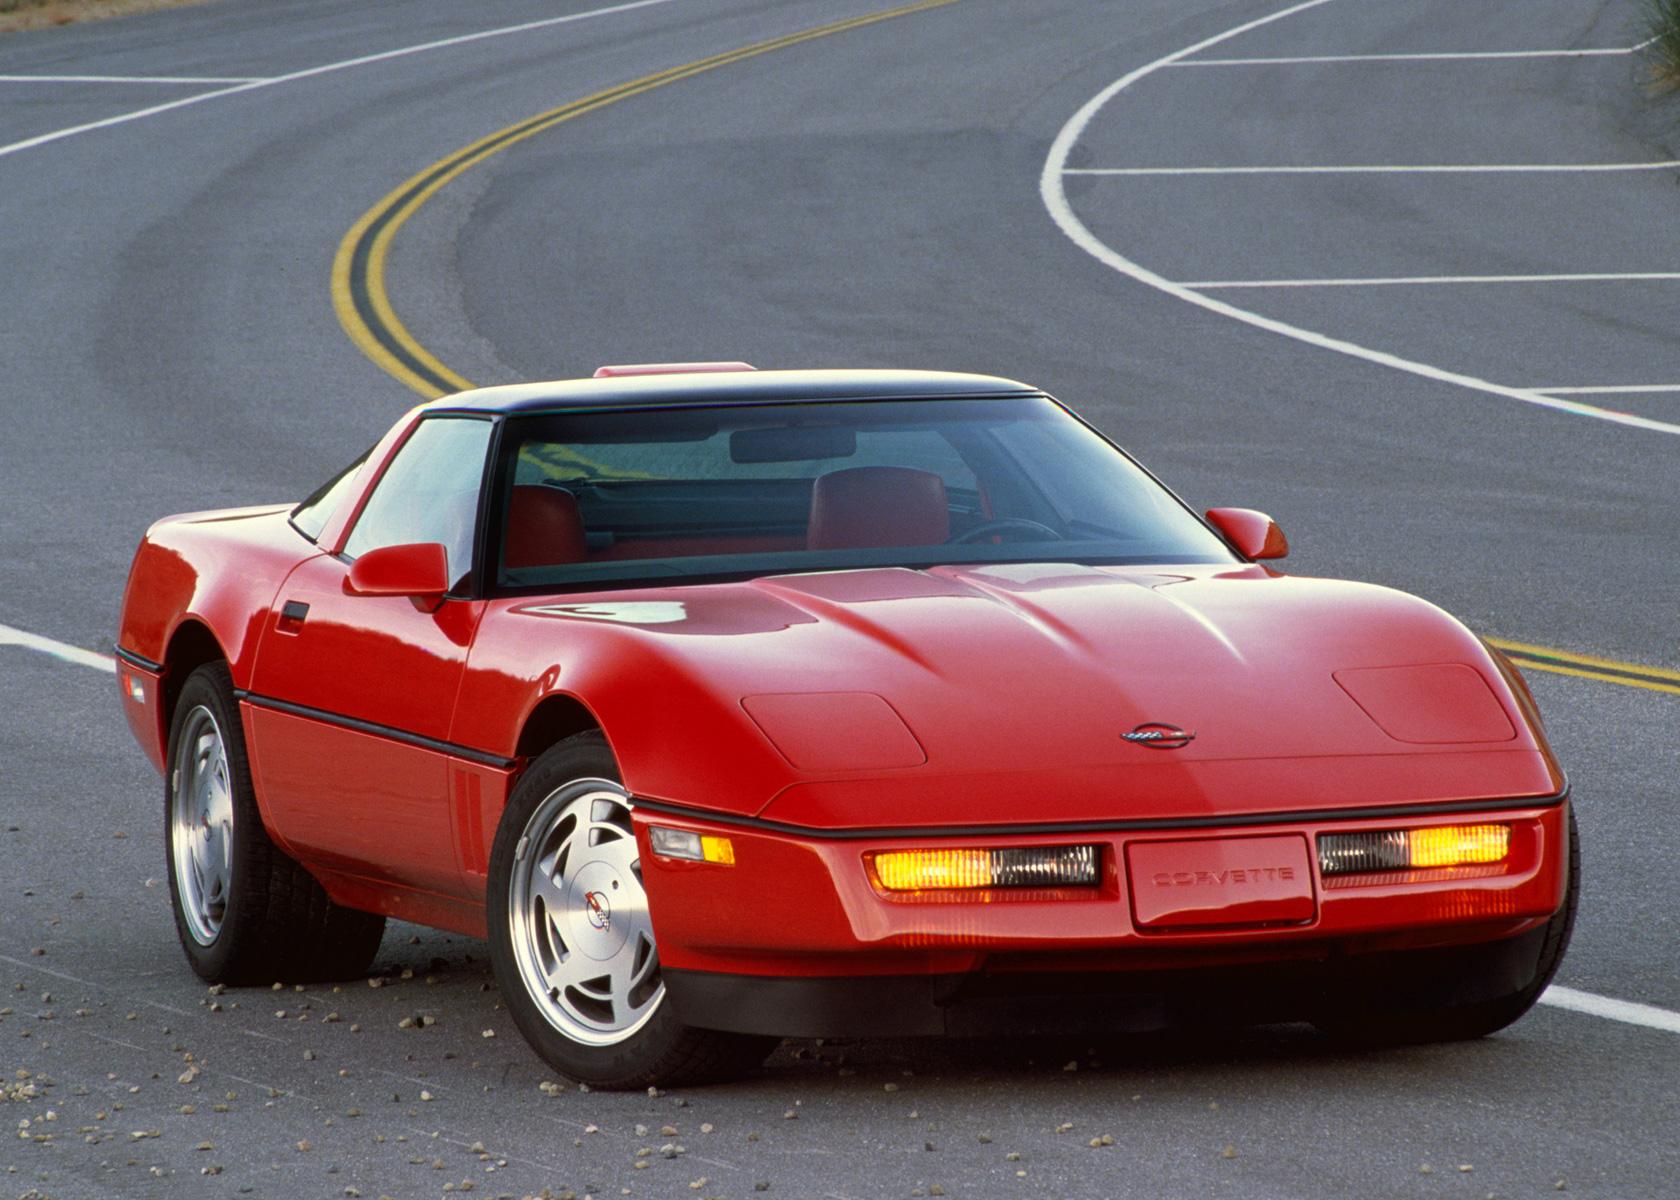 1990 Chevrolet Corvette ZR-1 red front 3/4